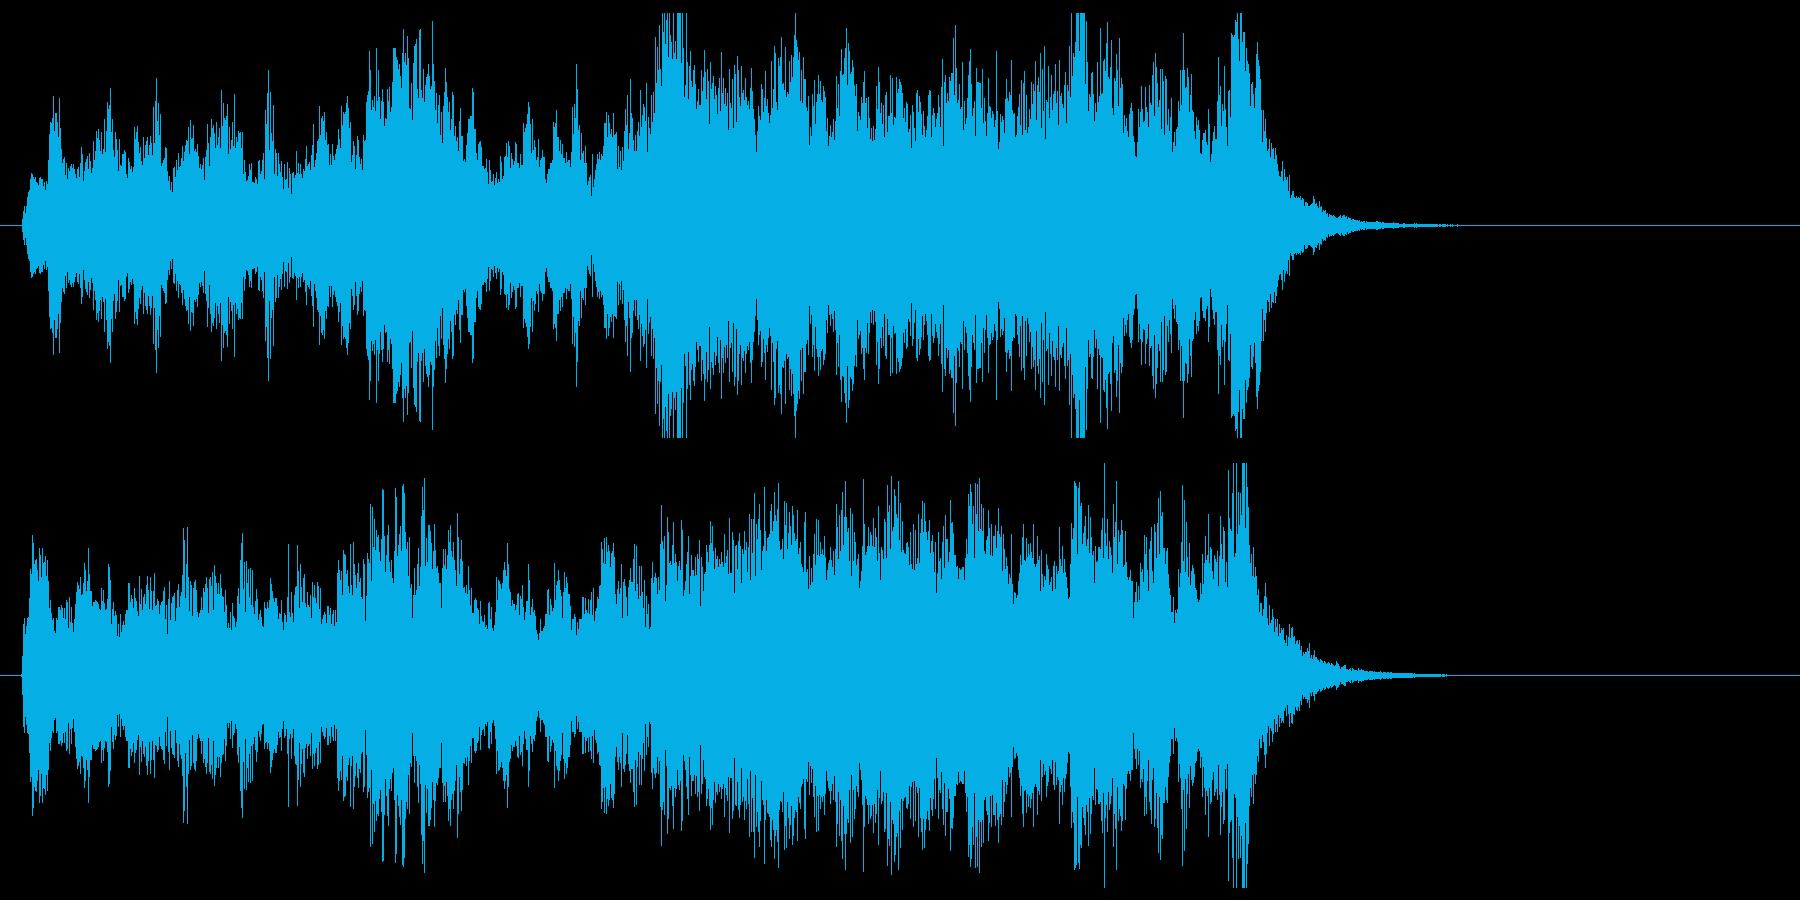 コミカルなオーケストラ・ジングルの再生済みの波形